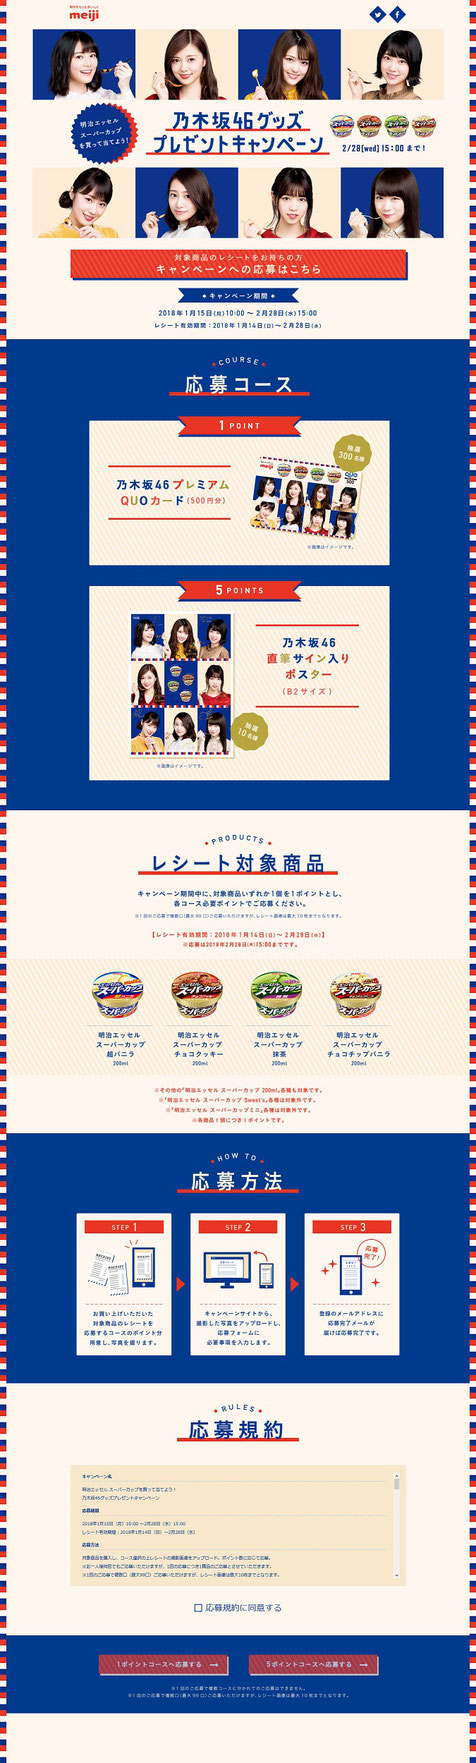 【明治】スーパーカップ 乃木坂46グッズプレゼントキャンペーン